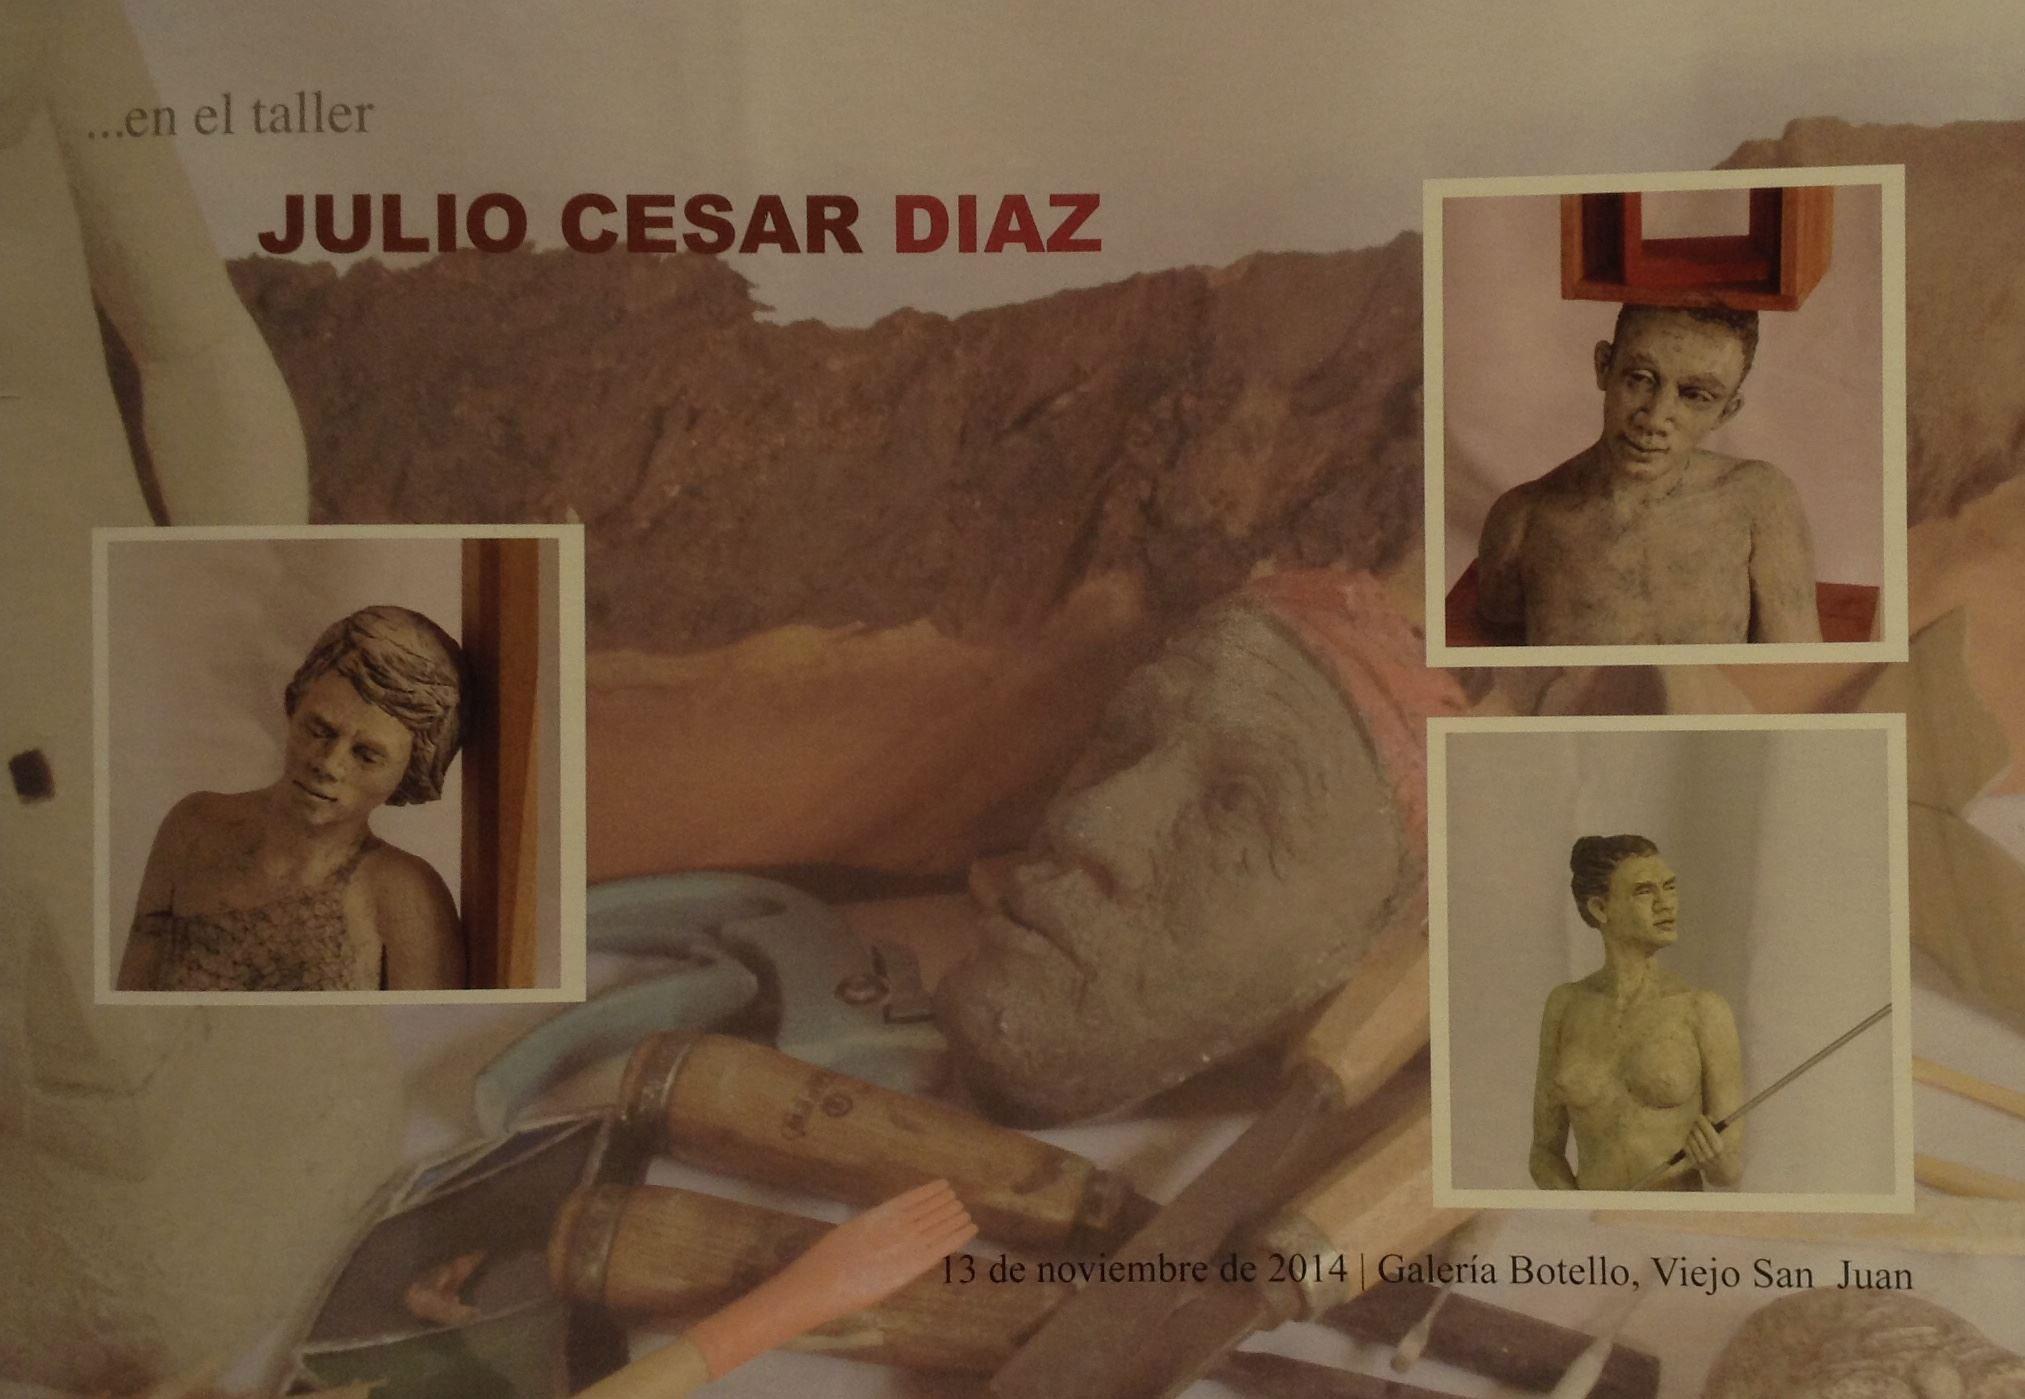 Julio César Díaz